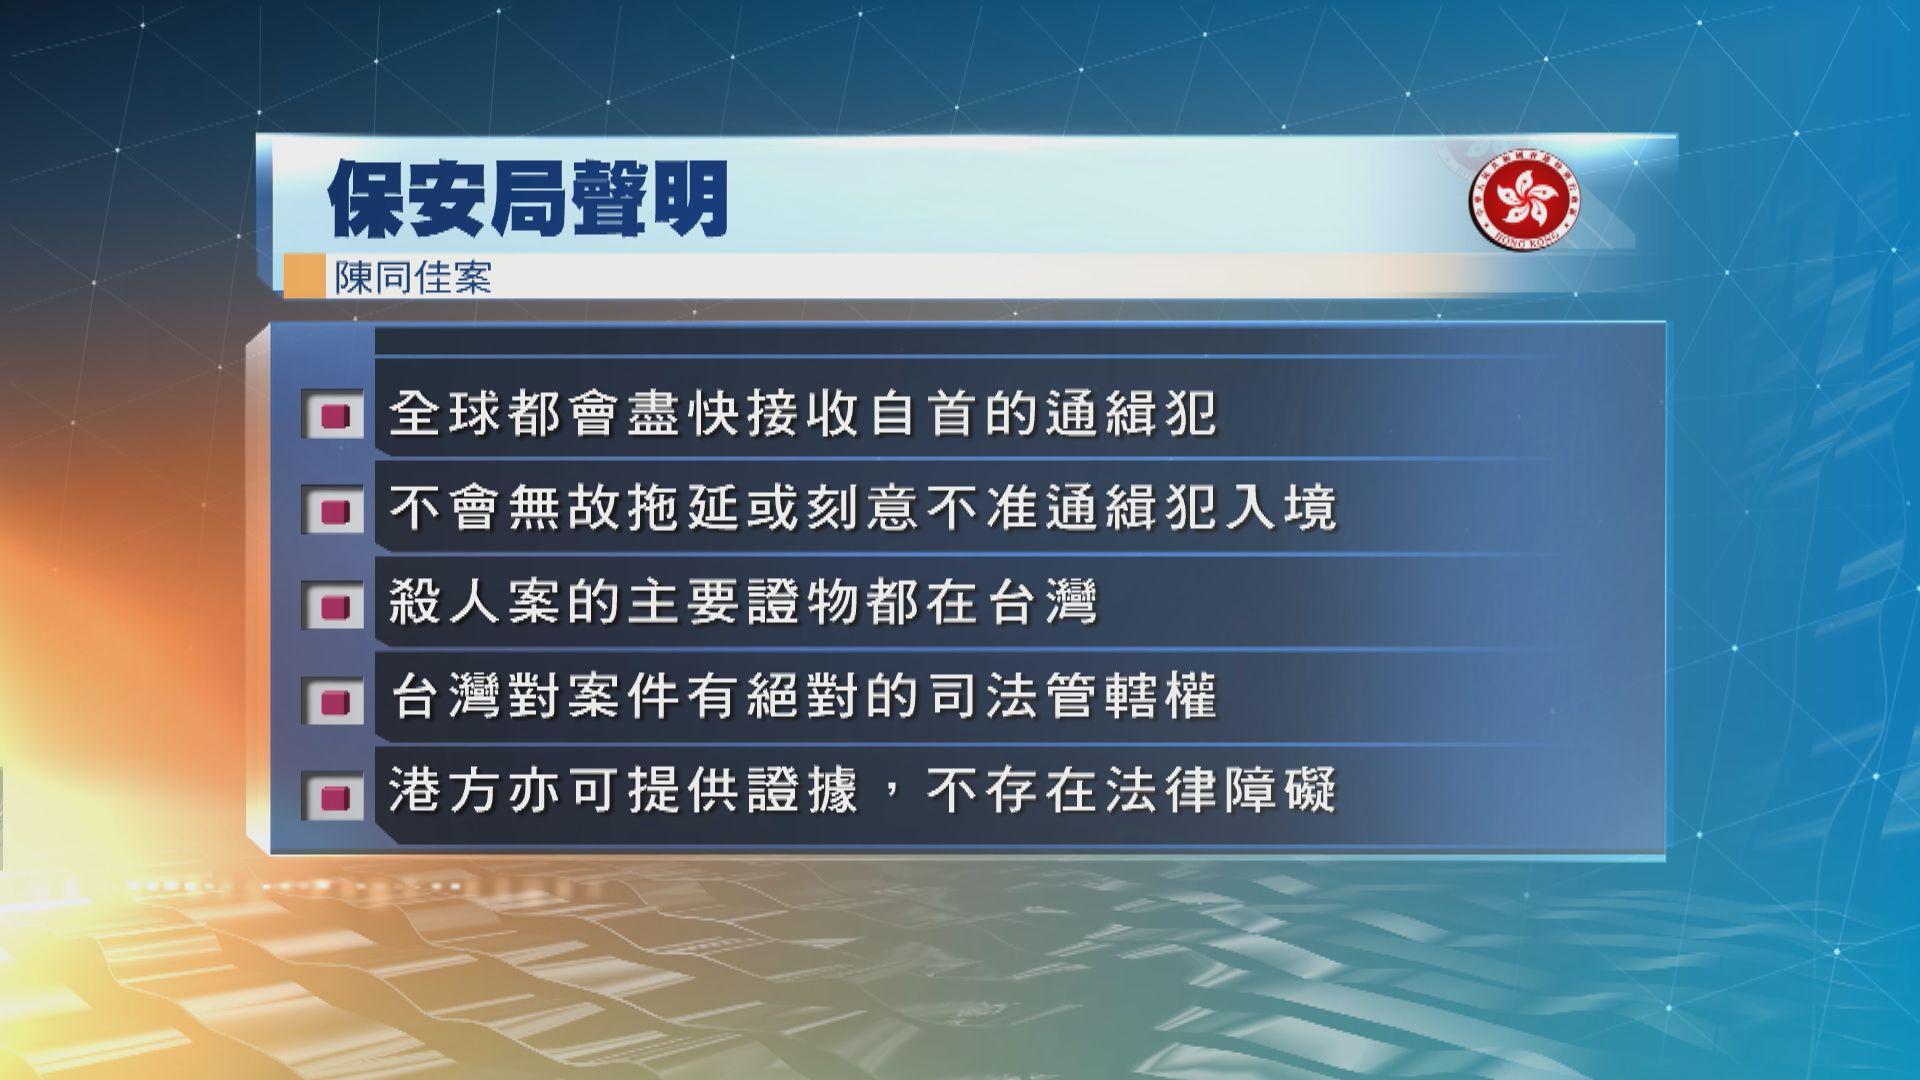 保安局:陳同佳自首與長期司法協作機制無關